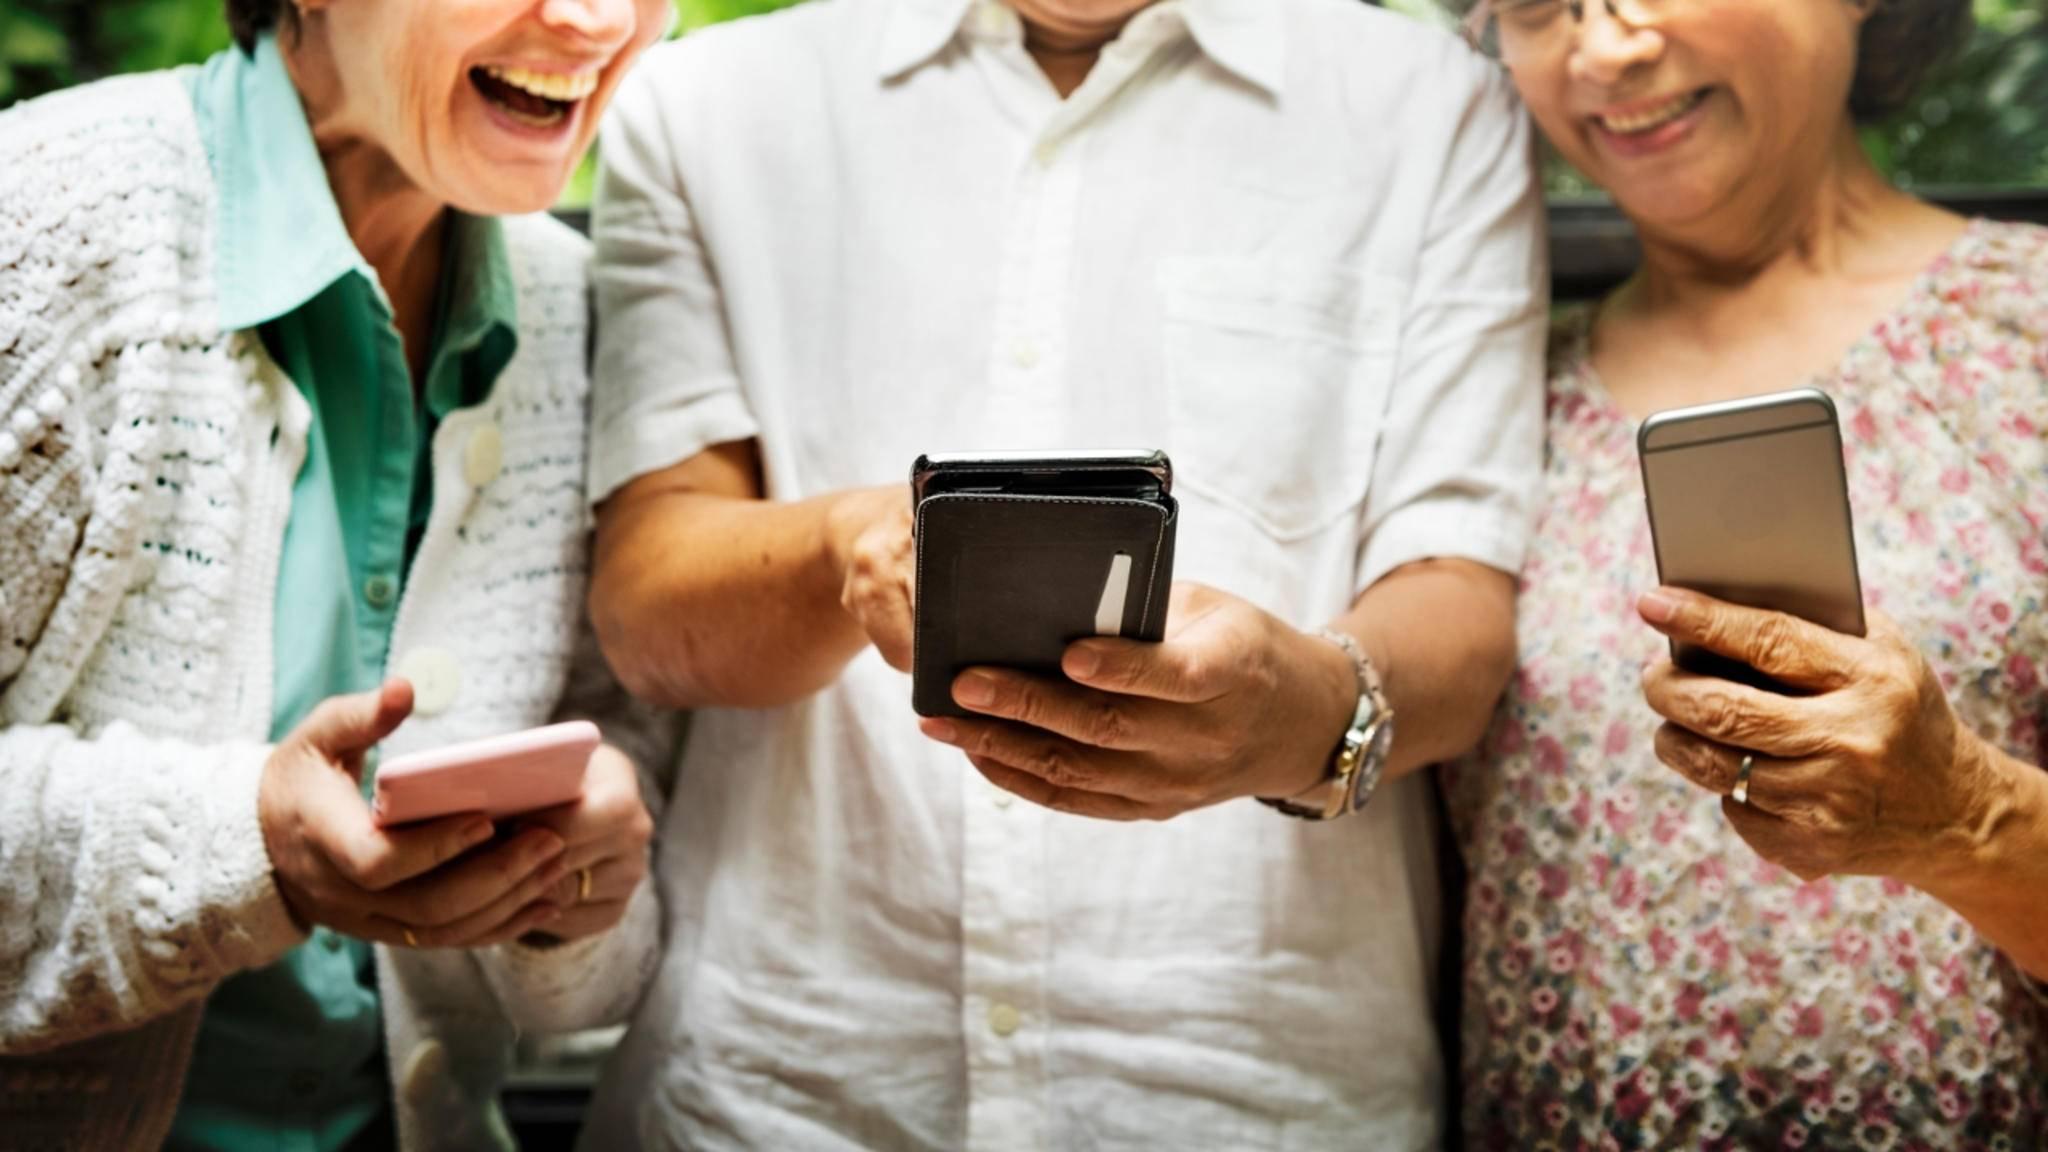 Mitunter ist der Umstieg auf ein neues Handy unvermeidlich.